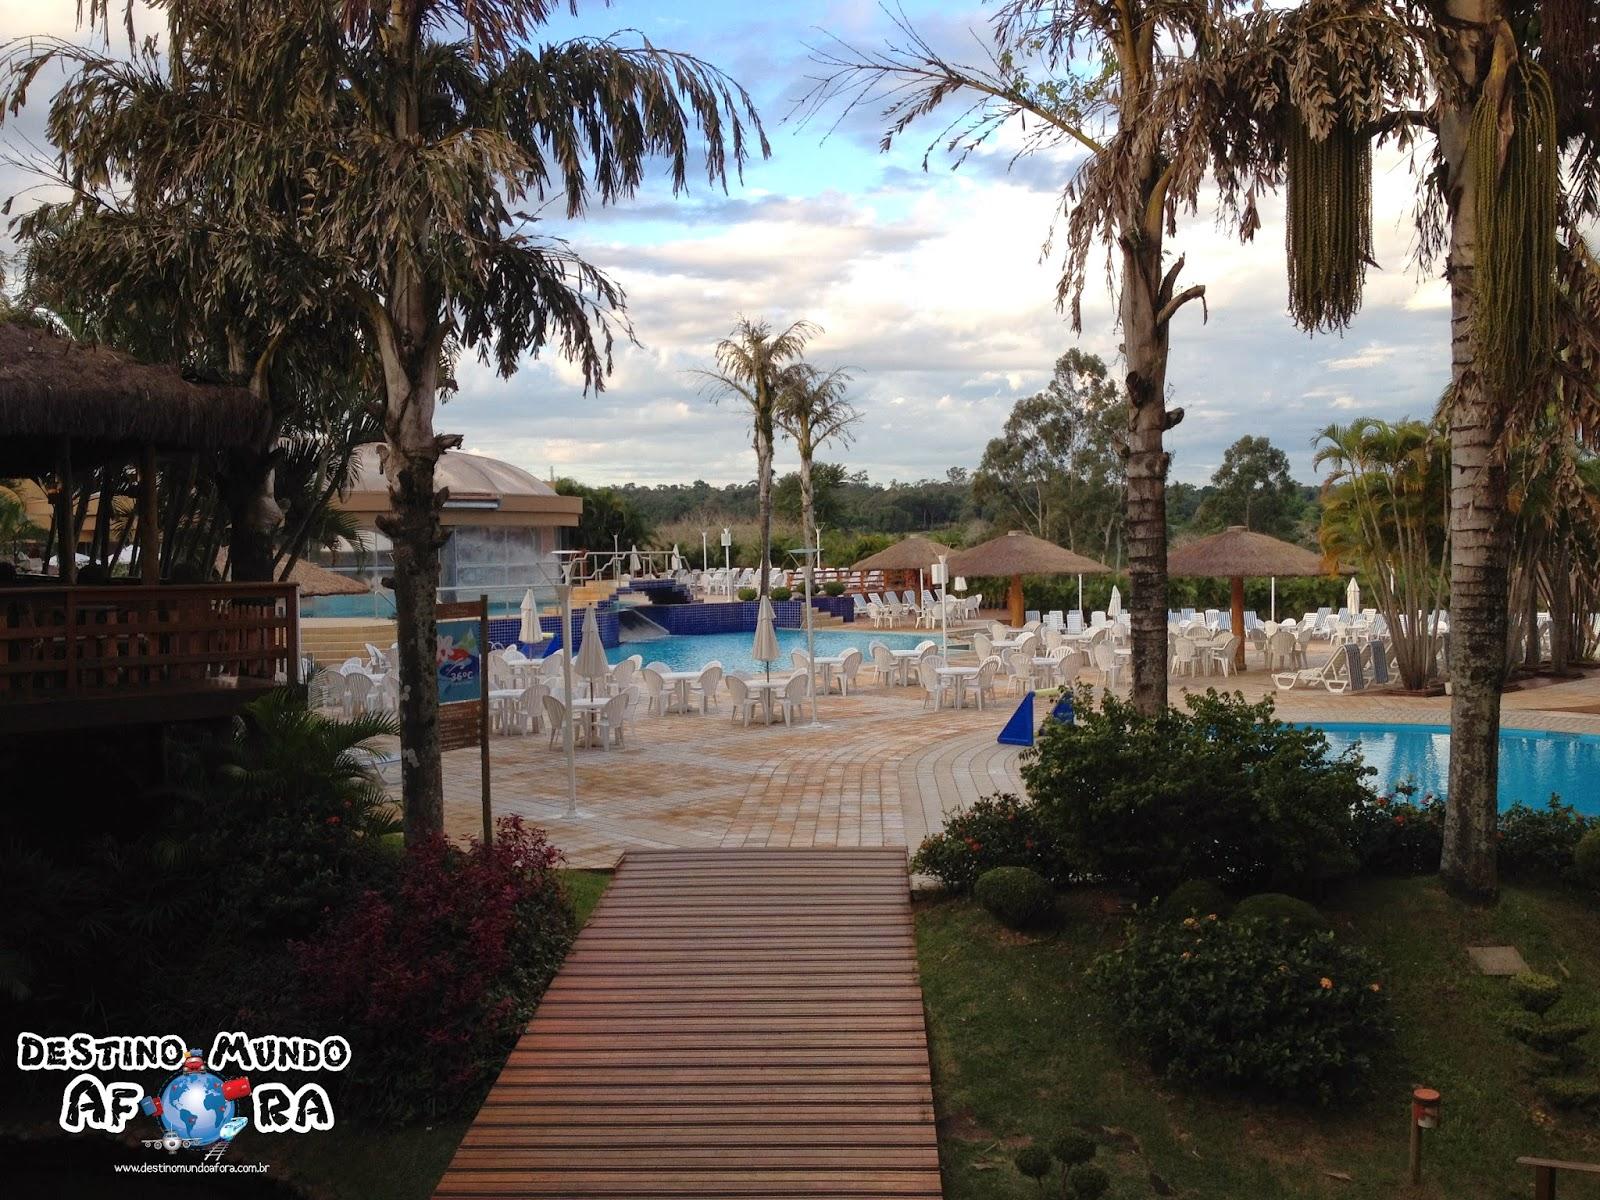 Mabu Thermas & Resort, em Foz do Iguaçu